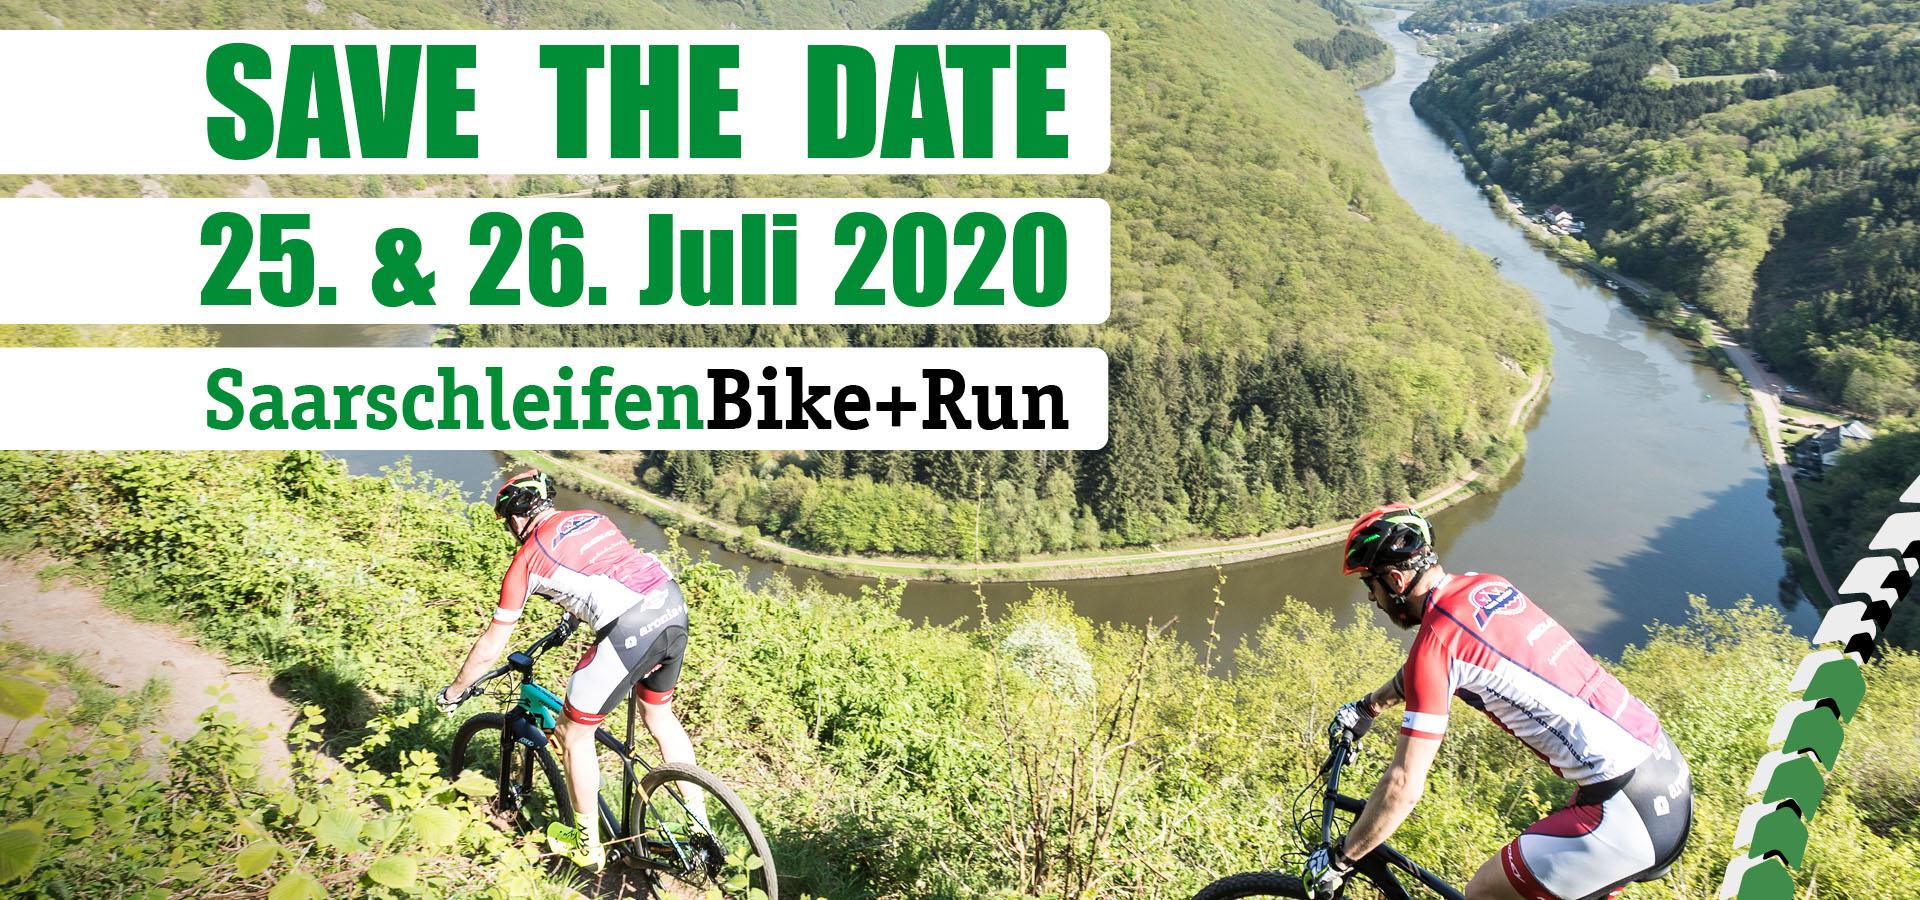 SaarschleifenBike Datum 2020